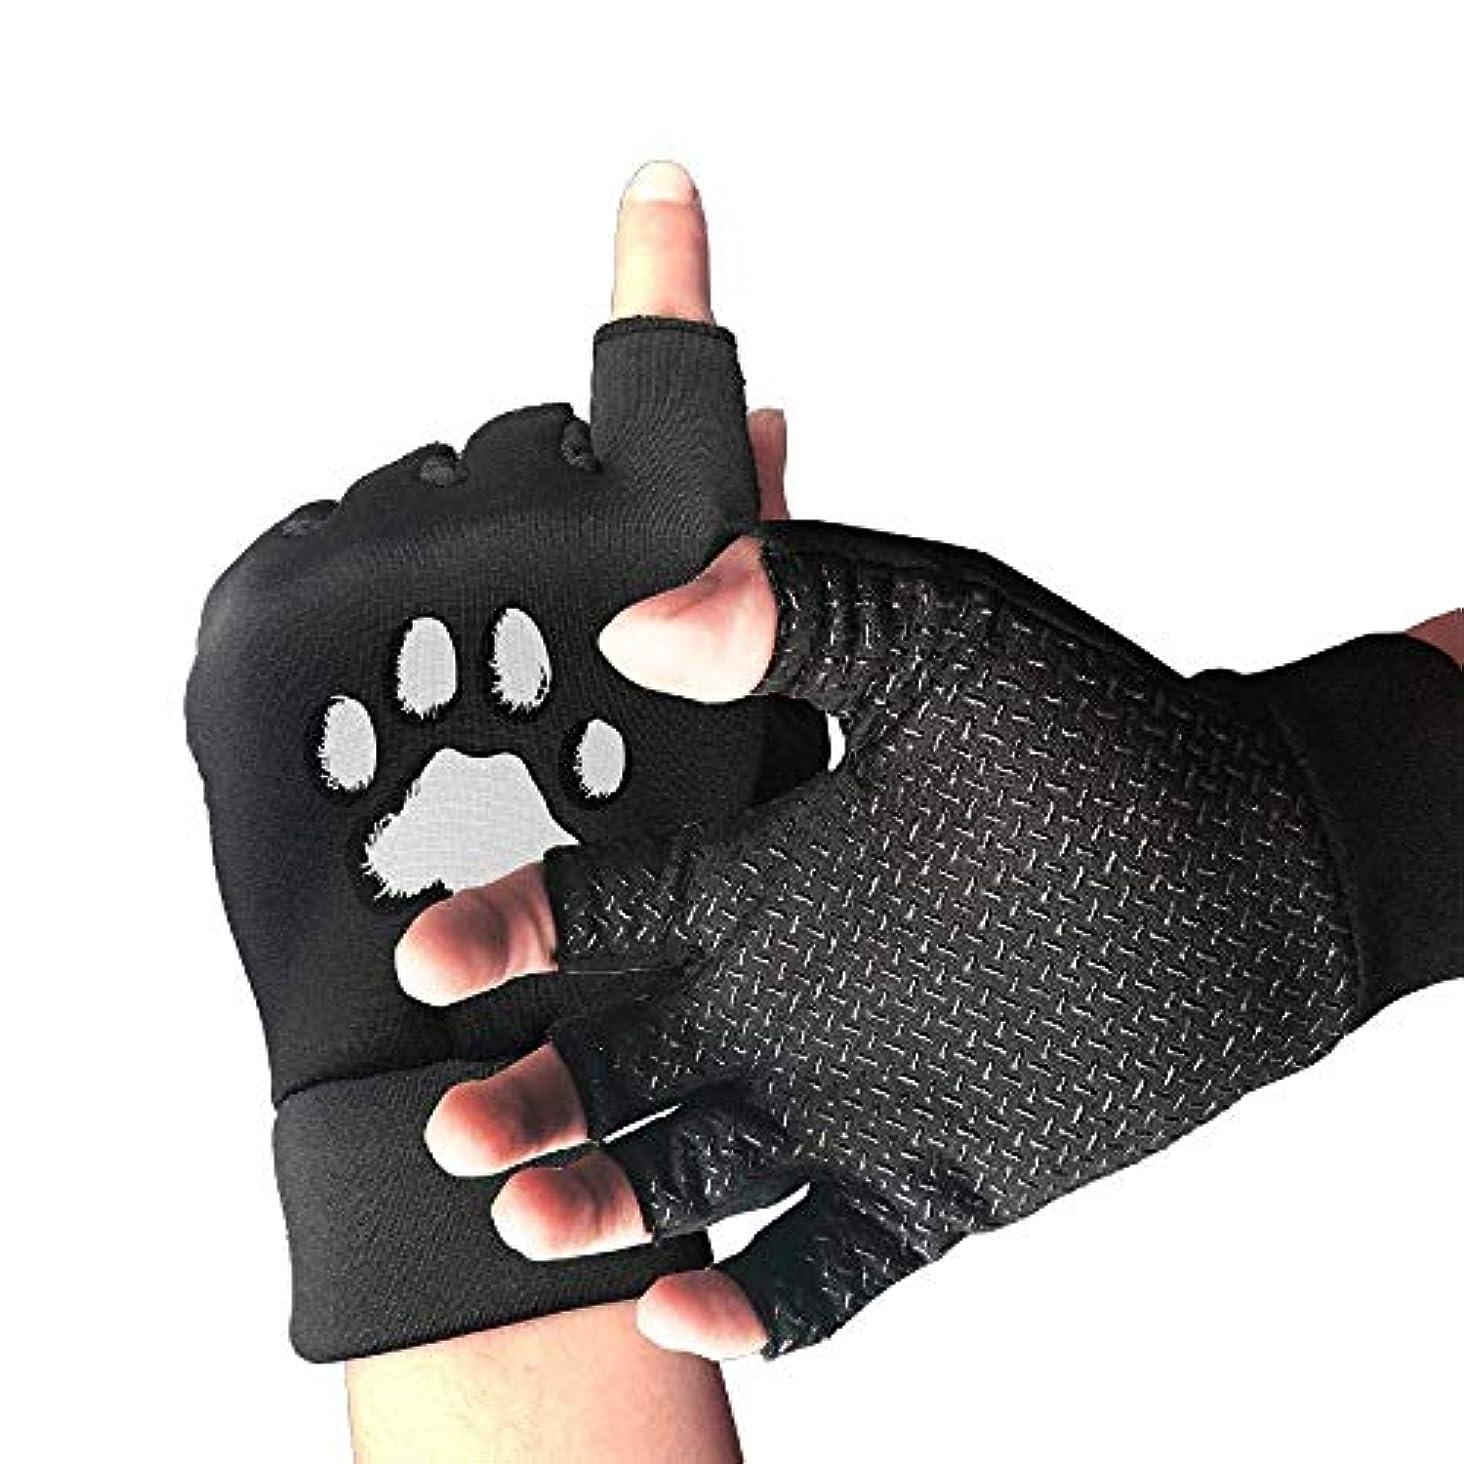 汚物勝利した懐疑的Cycling Gloves Big Paw Men's/Women's Mountain Bike Gloves Half Finger Anti-Slip Motorcycle Gloves